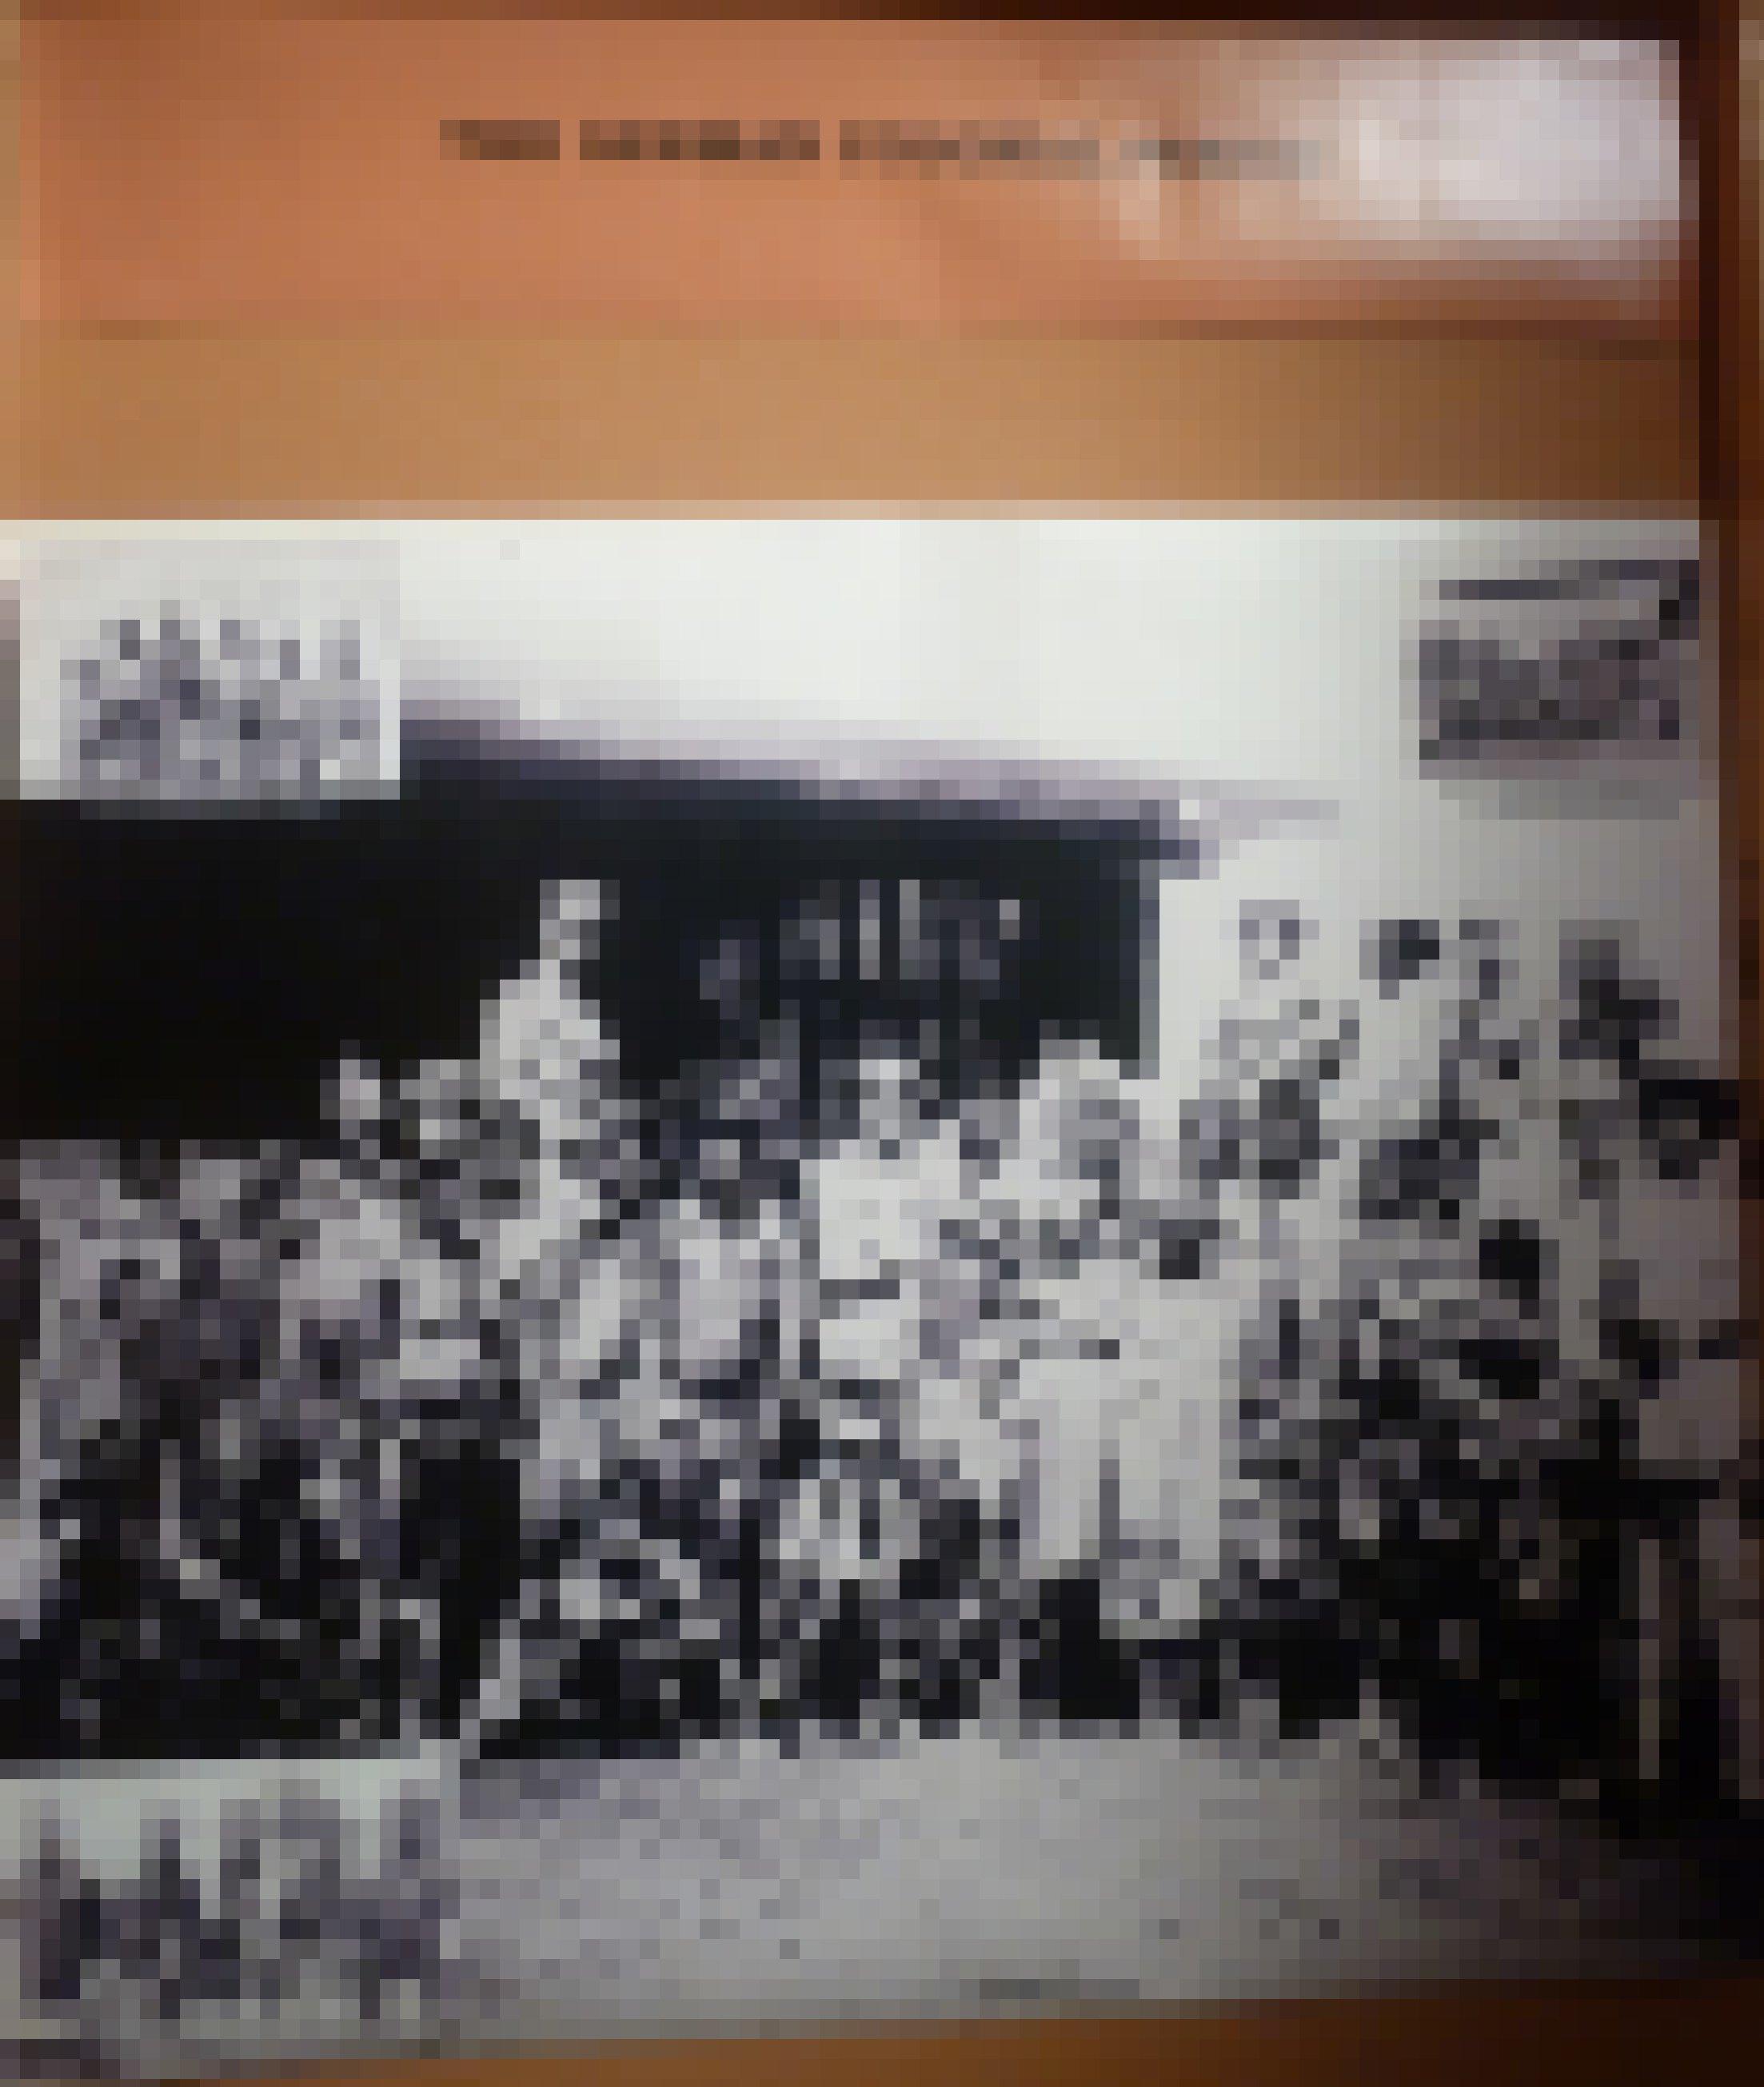 Das Foto zeigt deutsche Kolonialherren hinter ausgemergelten Männern, Frauen und Kindern, teils in Ketten.